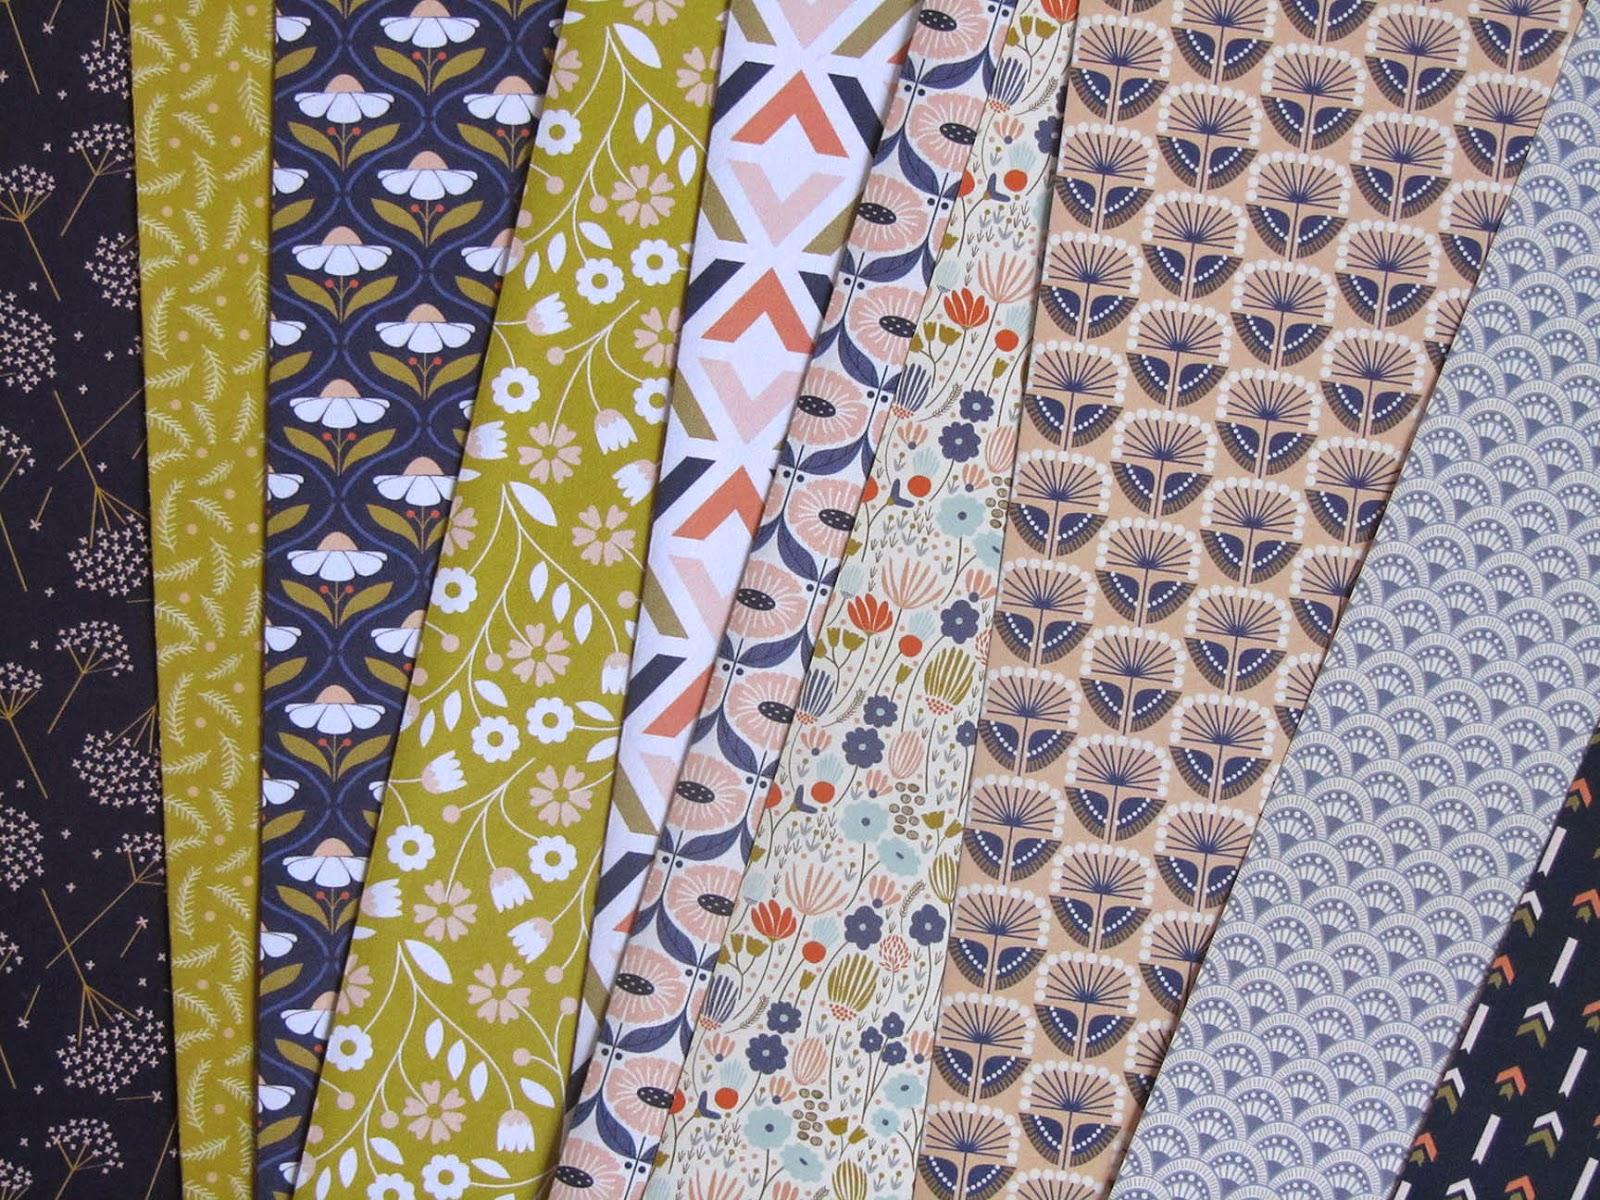 patterned paper designed by Elizabeth Olwen